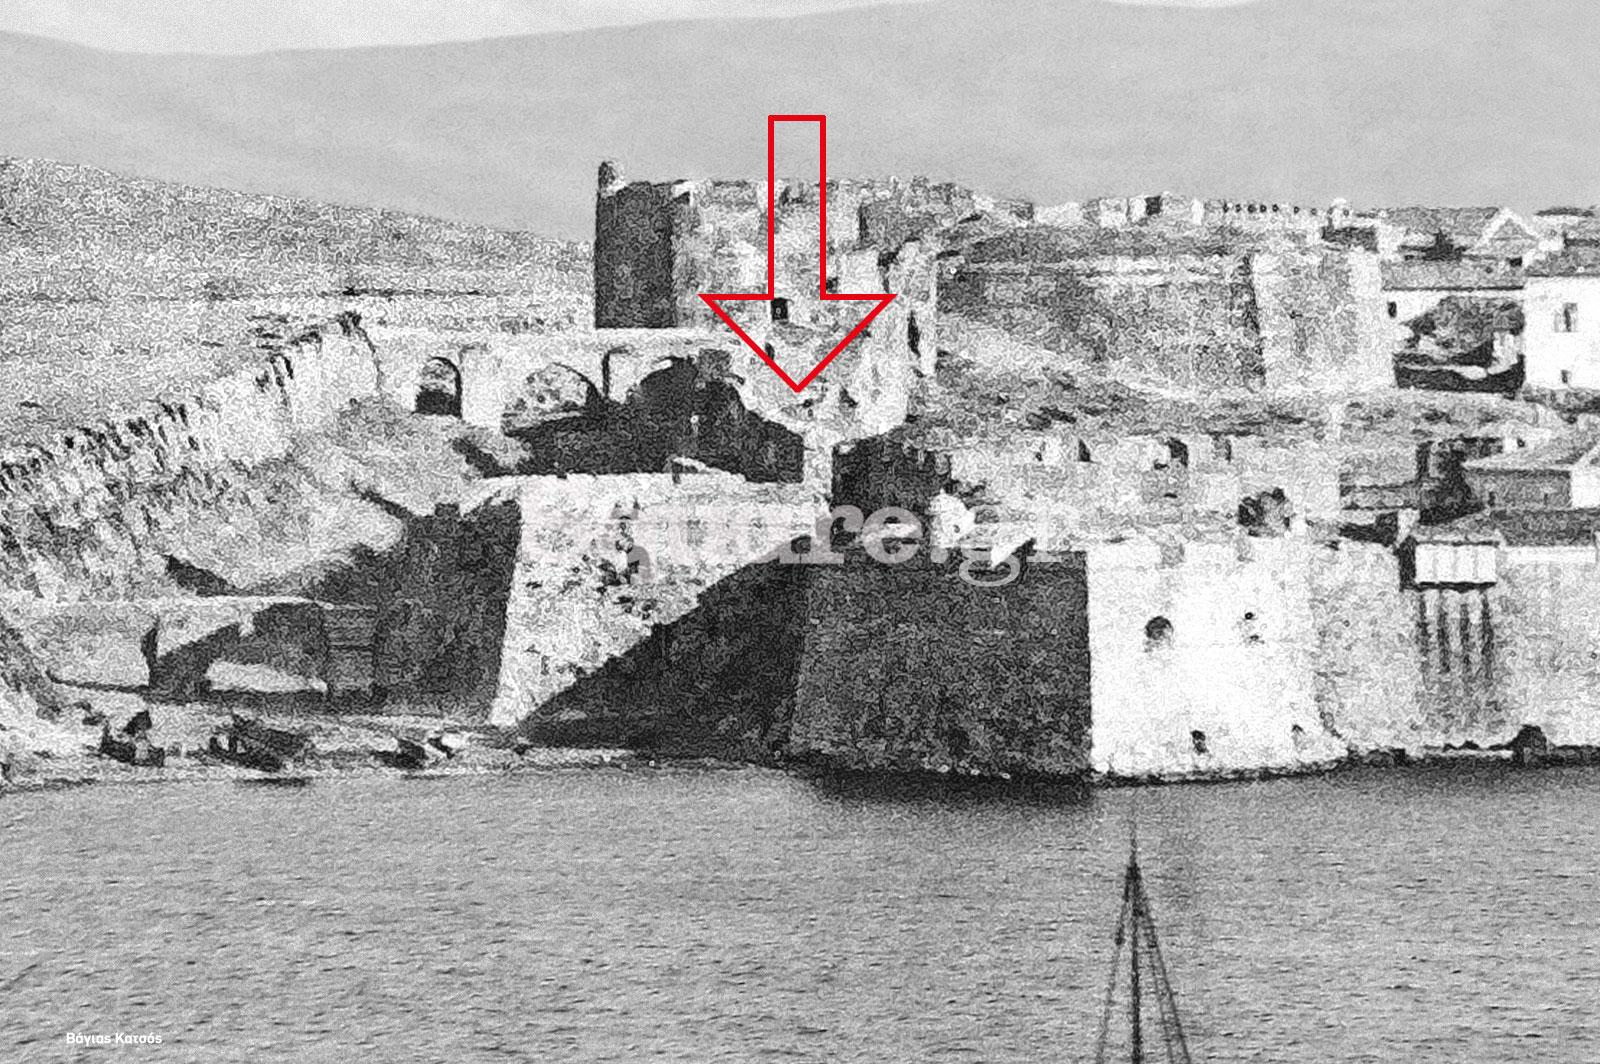 Ενετικό-Τείχος-κάτω-από-επιμελητήριο-Χαλκίδας-negroponte-τάφρος-τείχους